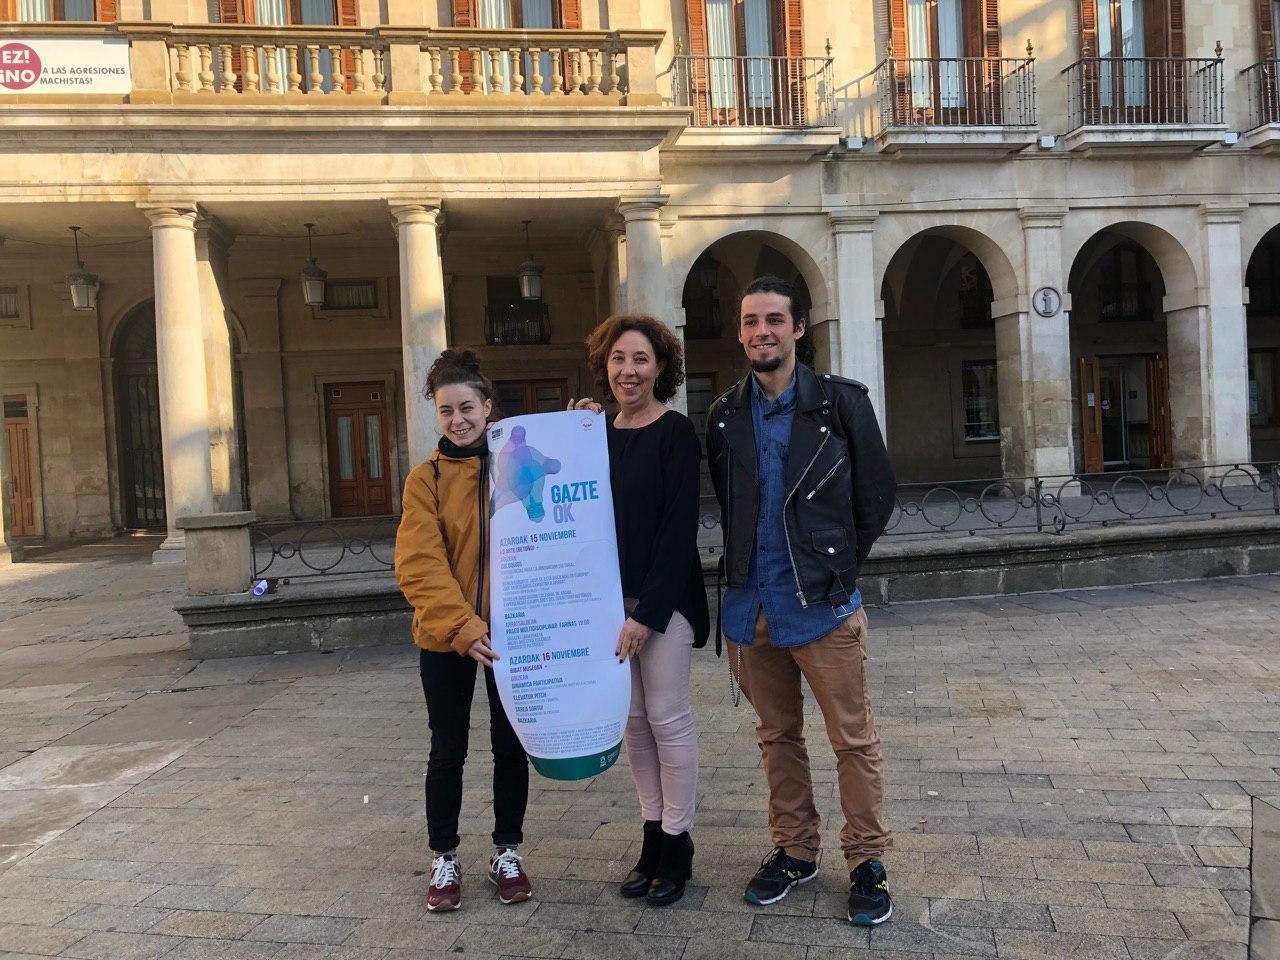 En marcha el encuentro de personas jóvenes creadoras Gazte OK, una nueva iniciativa del Servicio de Juventud